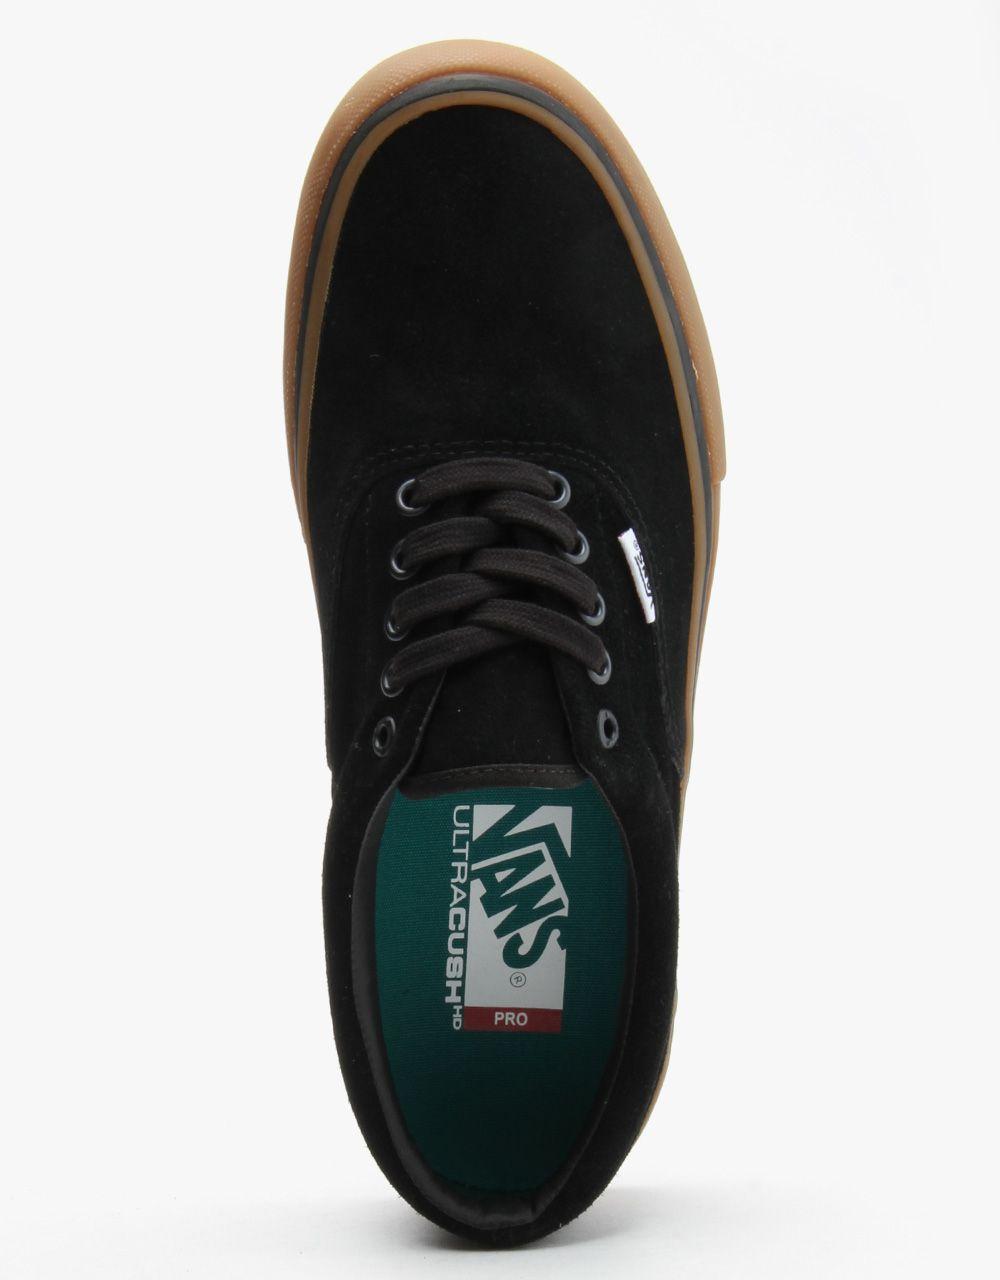 58fc118998 Vans Era Pro Skate Shoes - Black Gum - RouteOne.co.uk